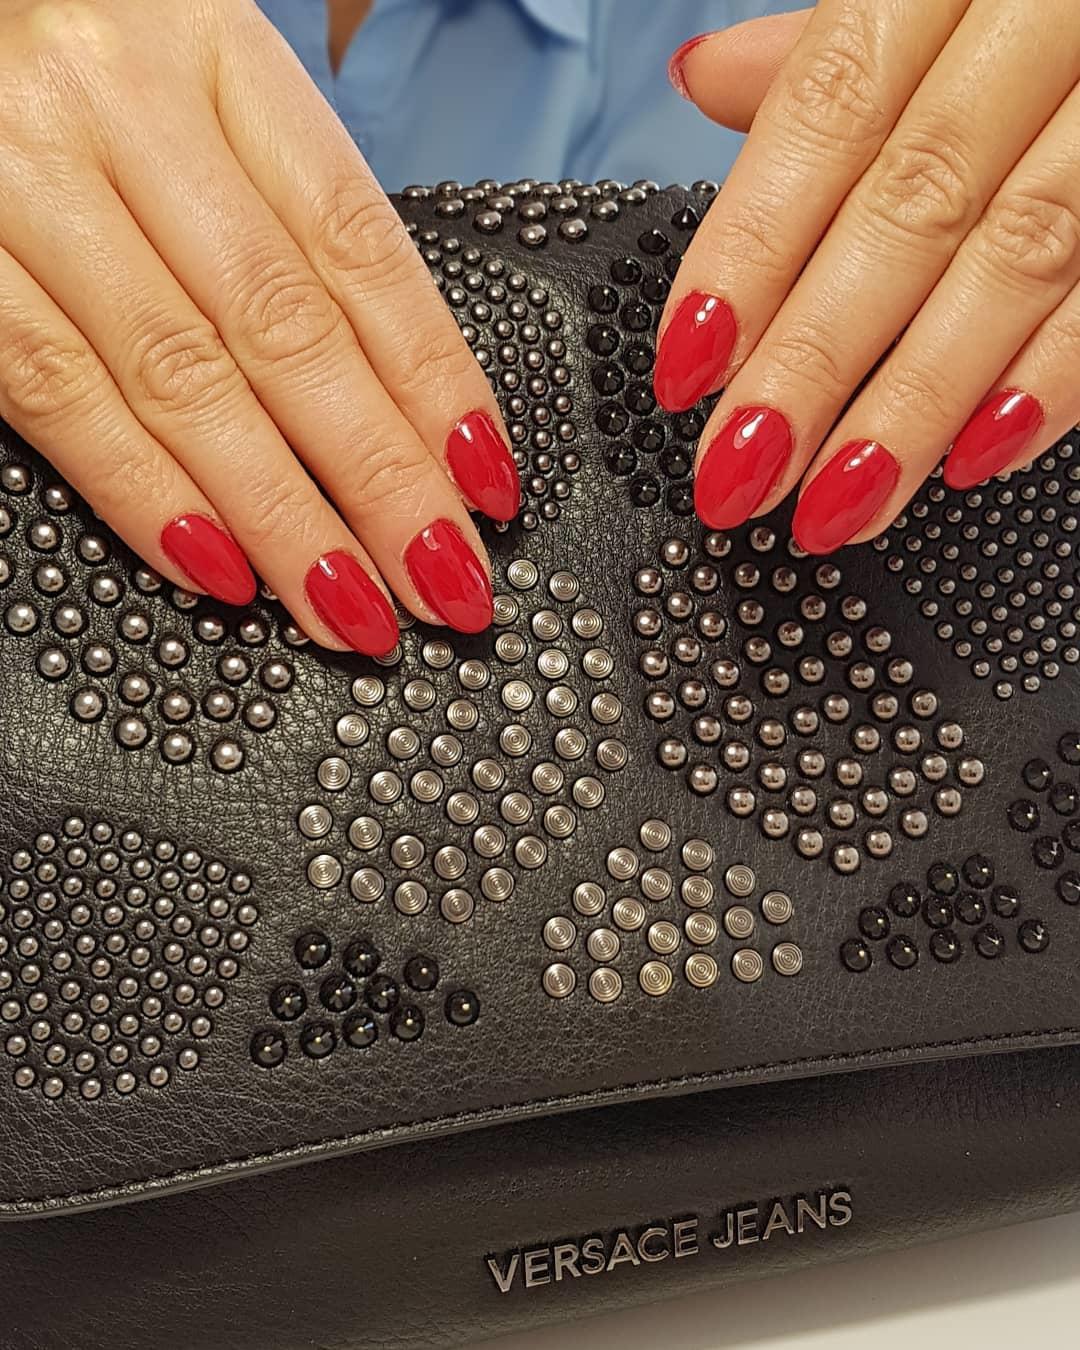 creative red nail design ideas 2019 - 20 Creative Red Nail Design Ideas 2019